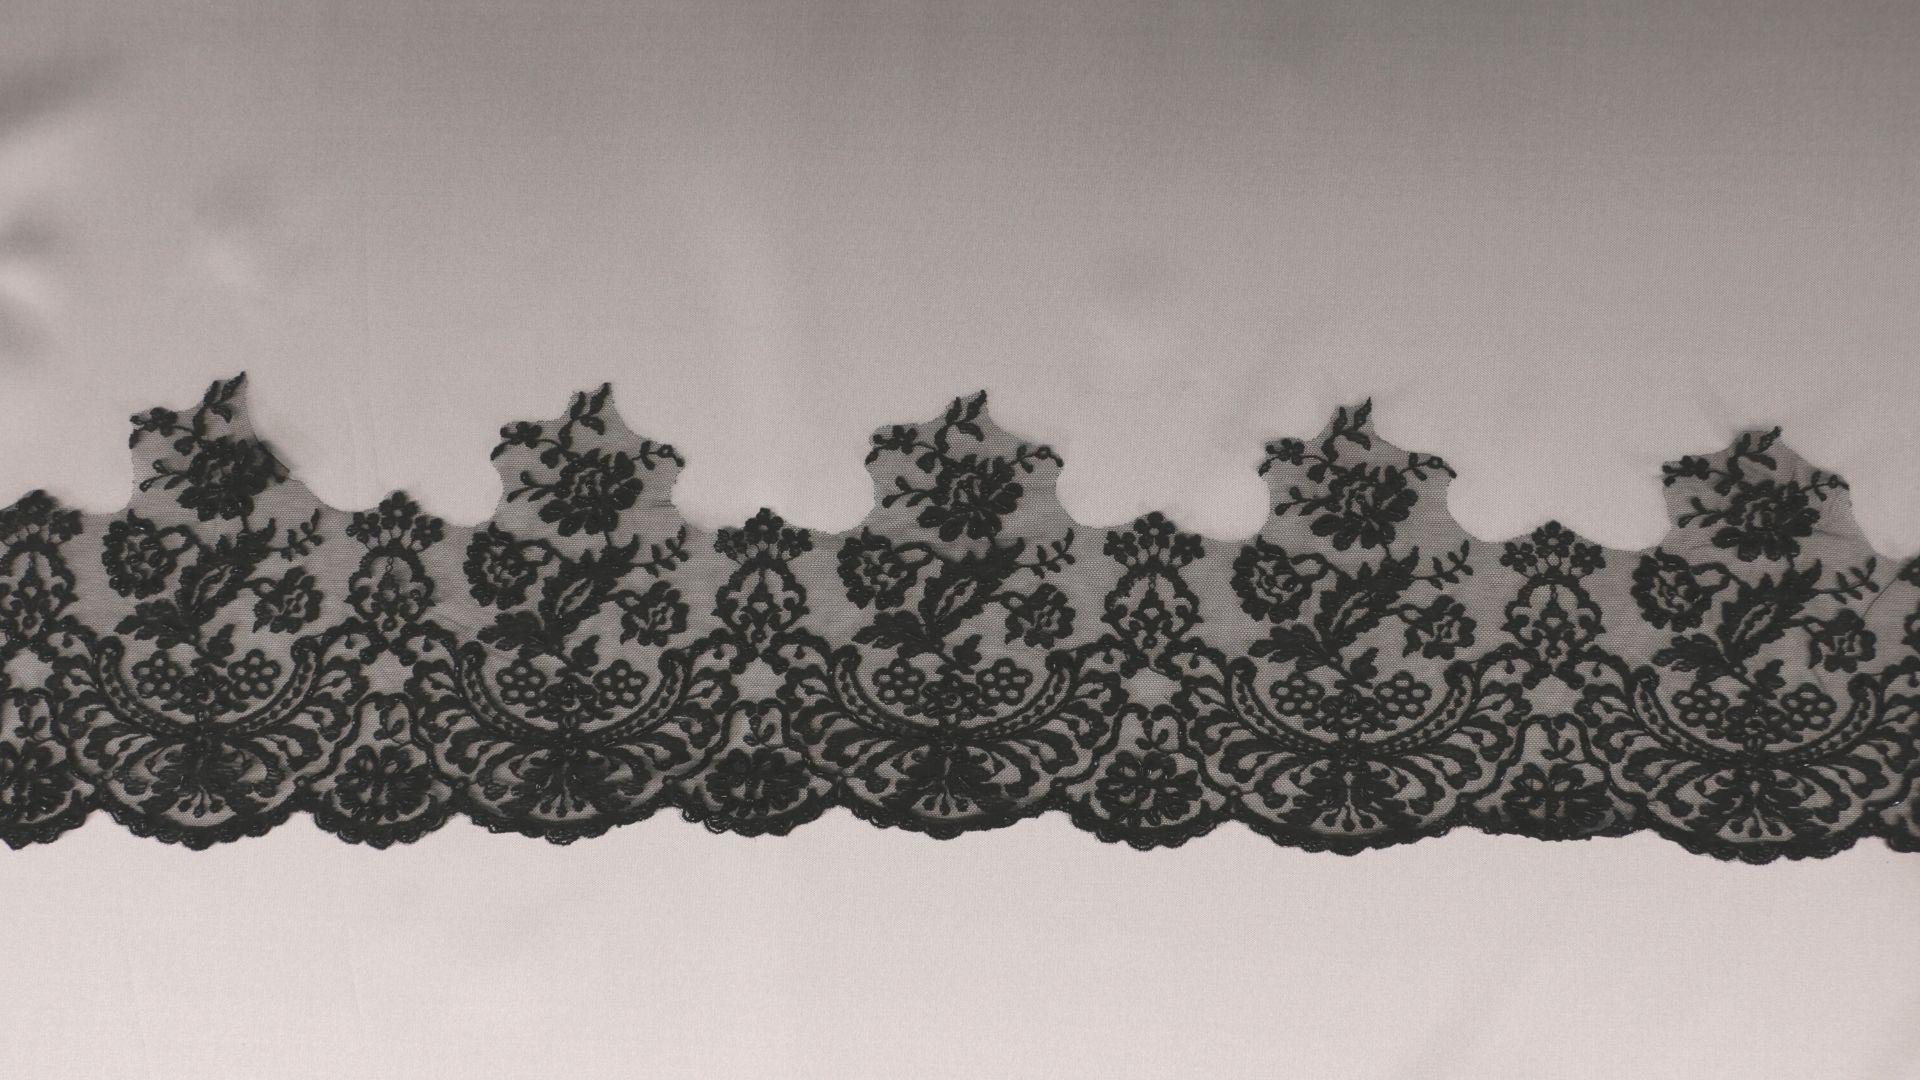 il particolare del tessuto lv3546, appartenente alla categoria ricami da sposa, di Leadford & Logan